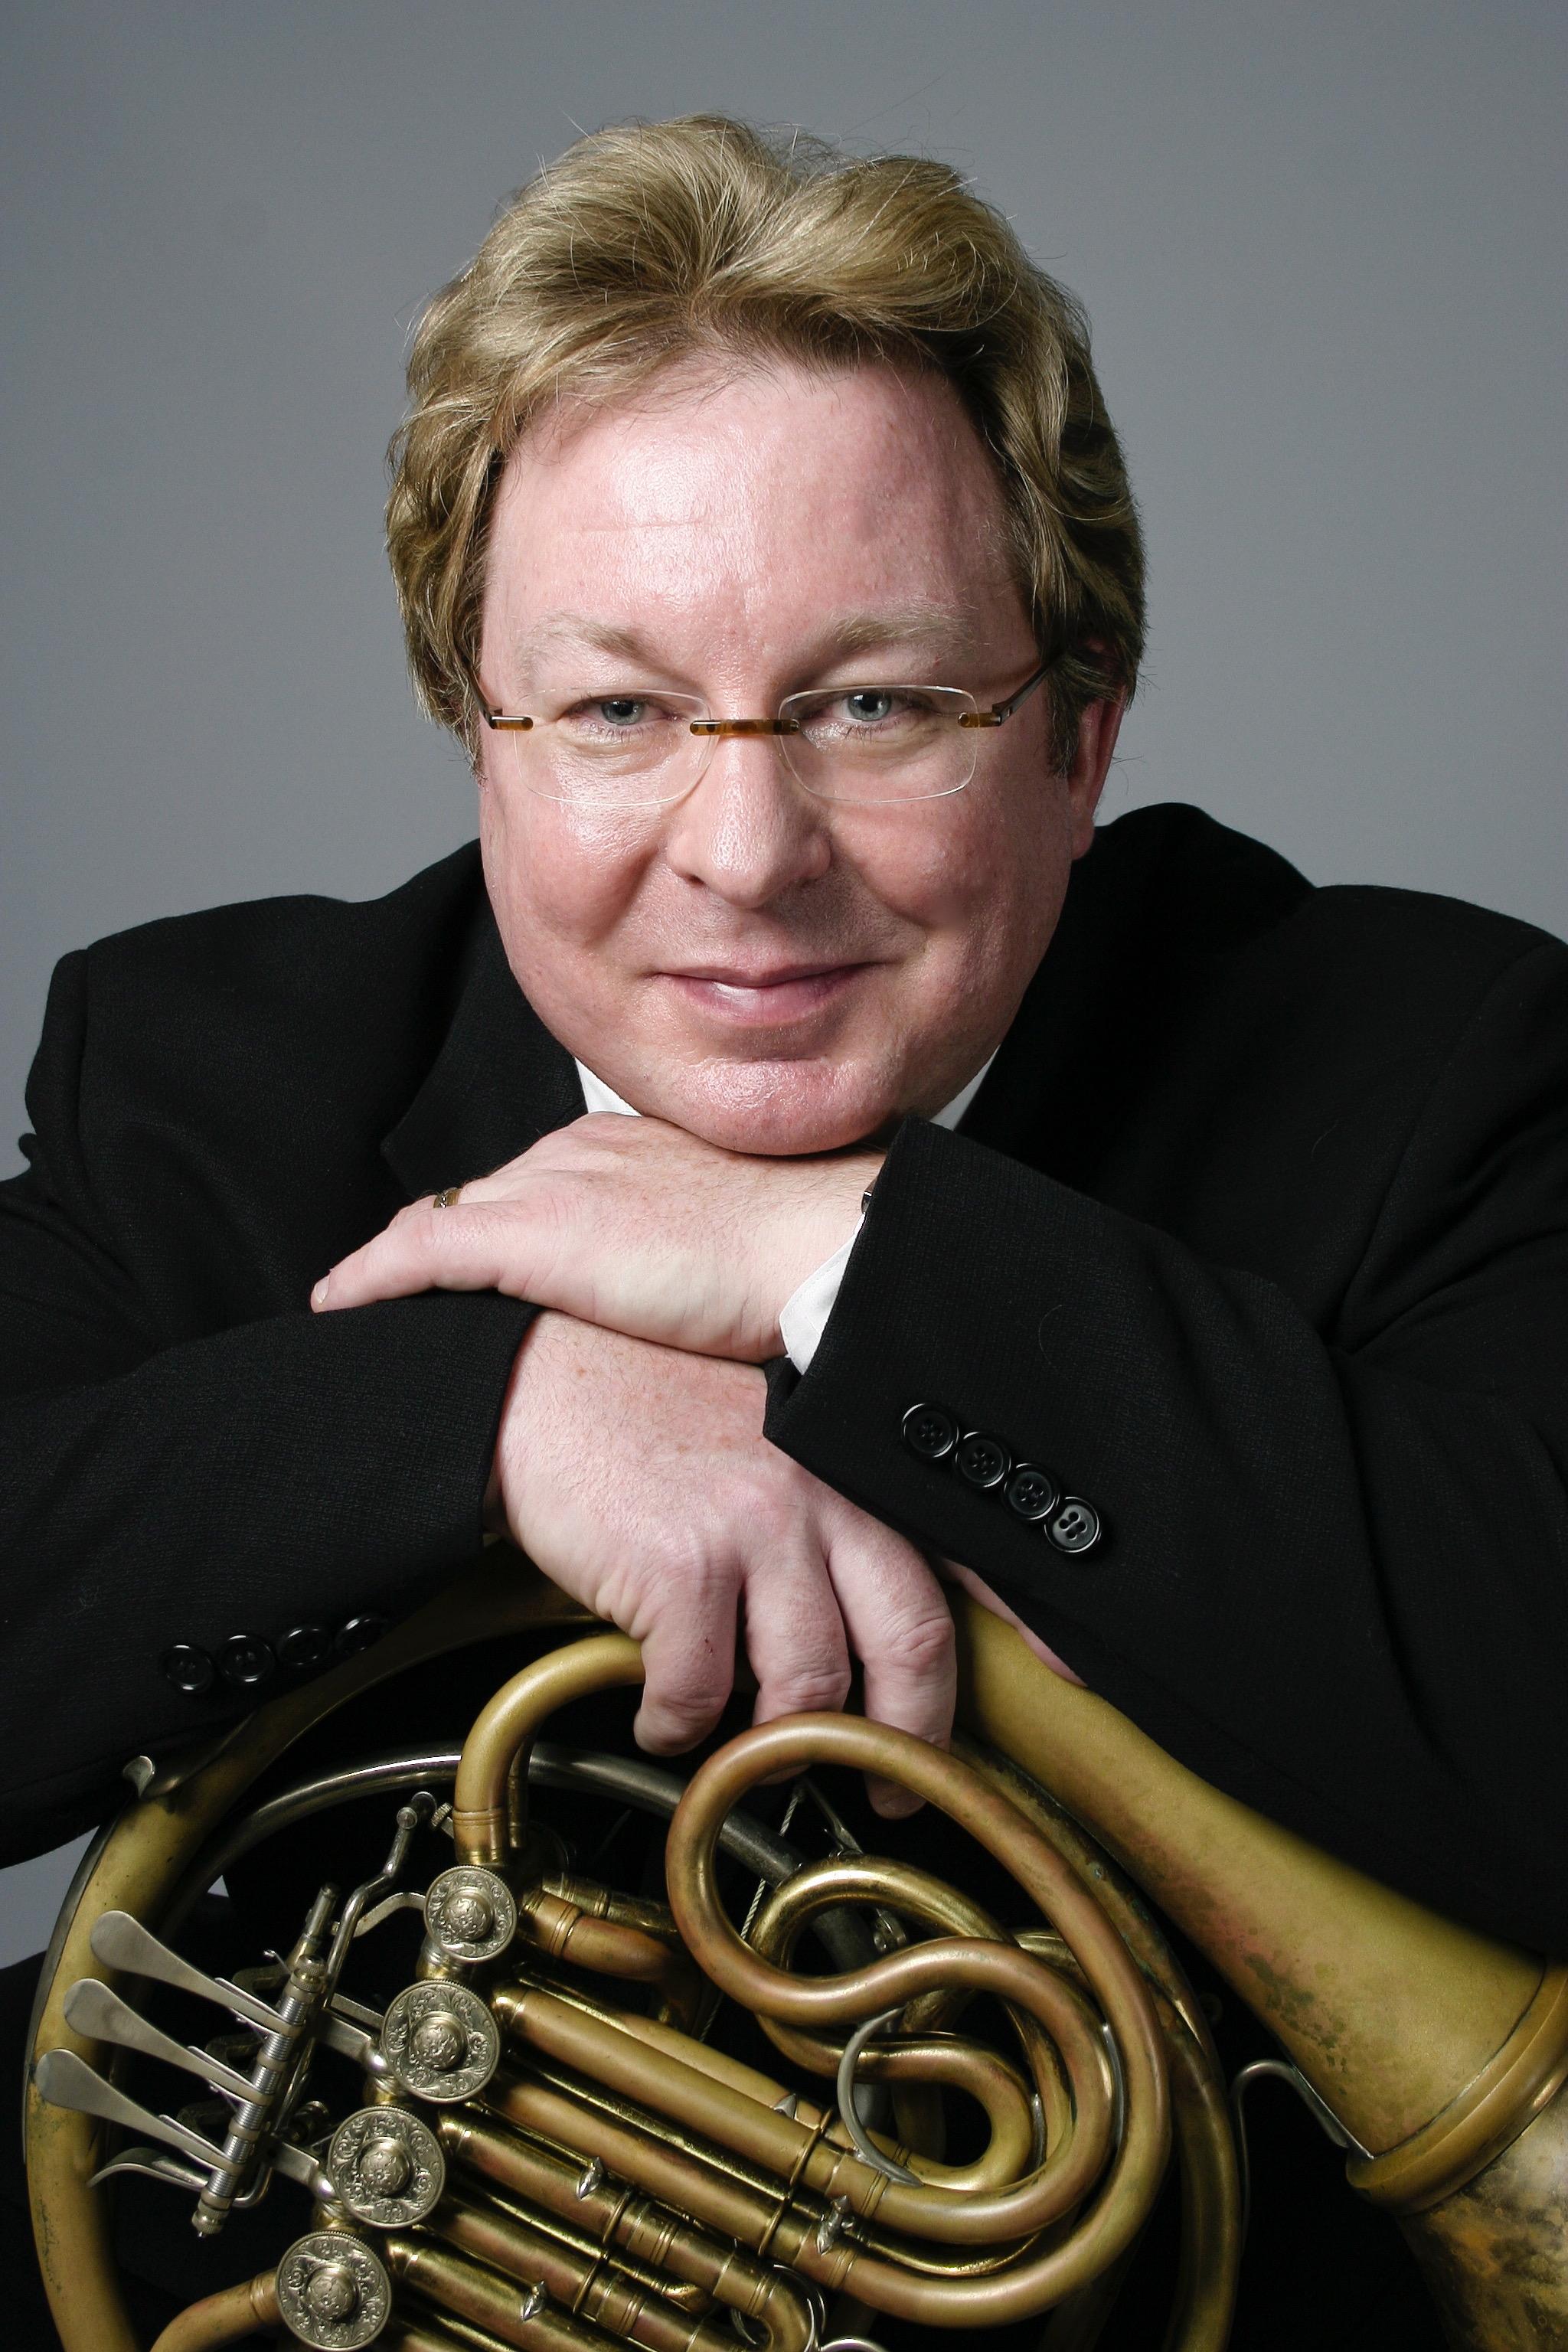 William VerMeulen